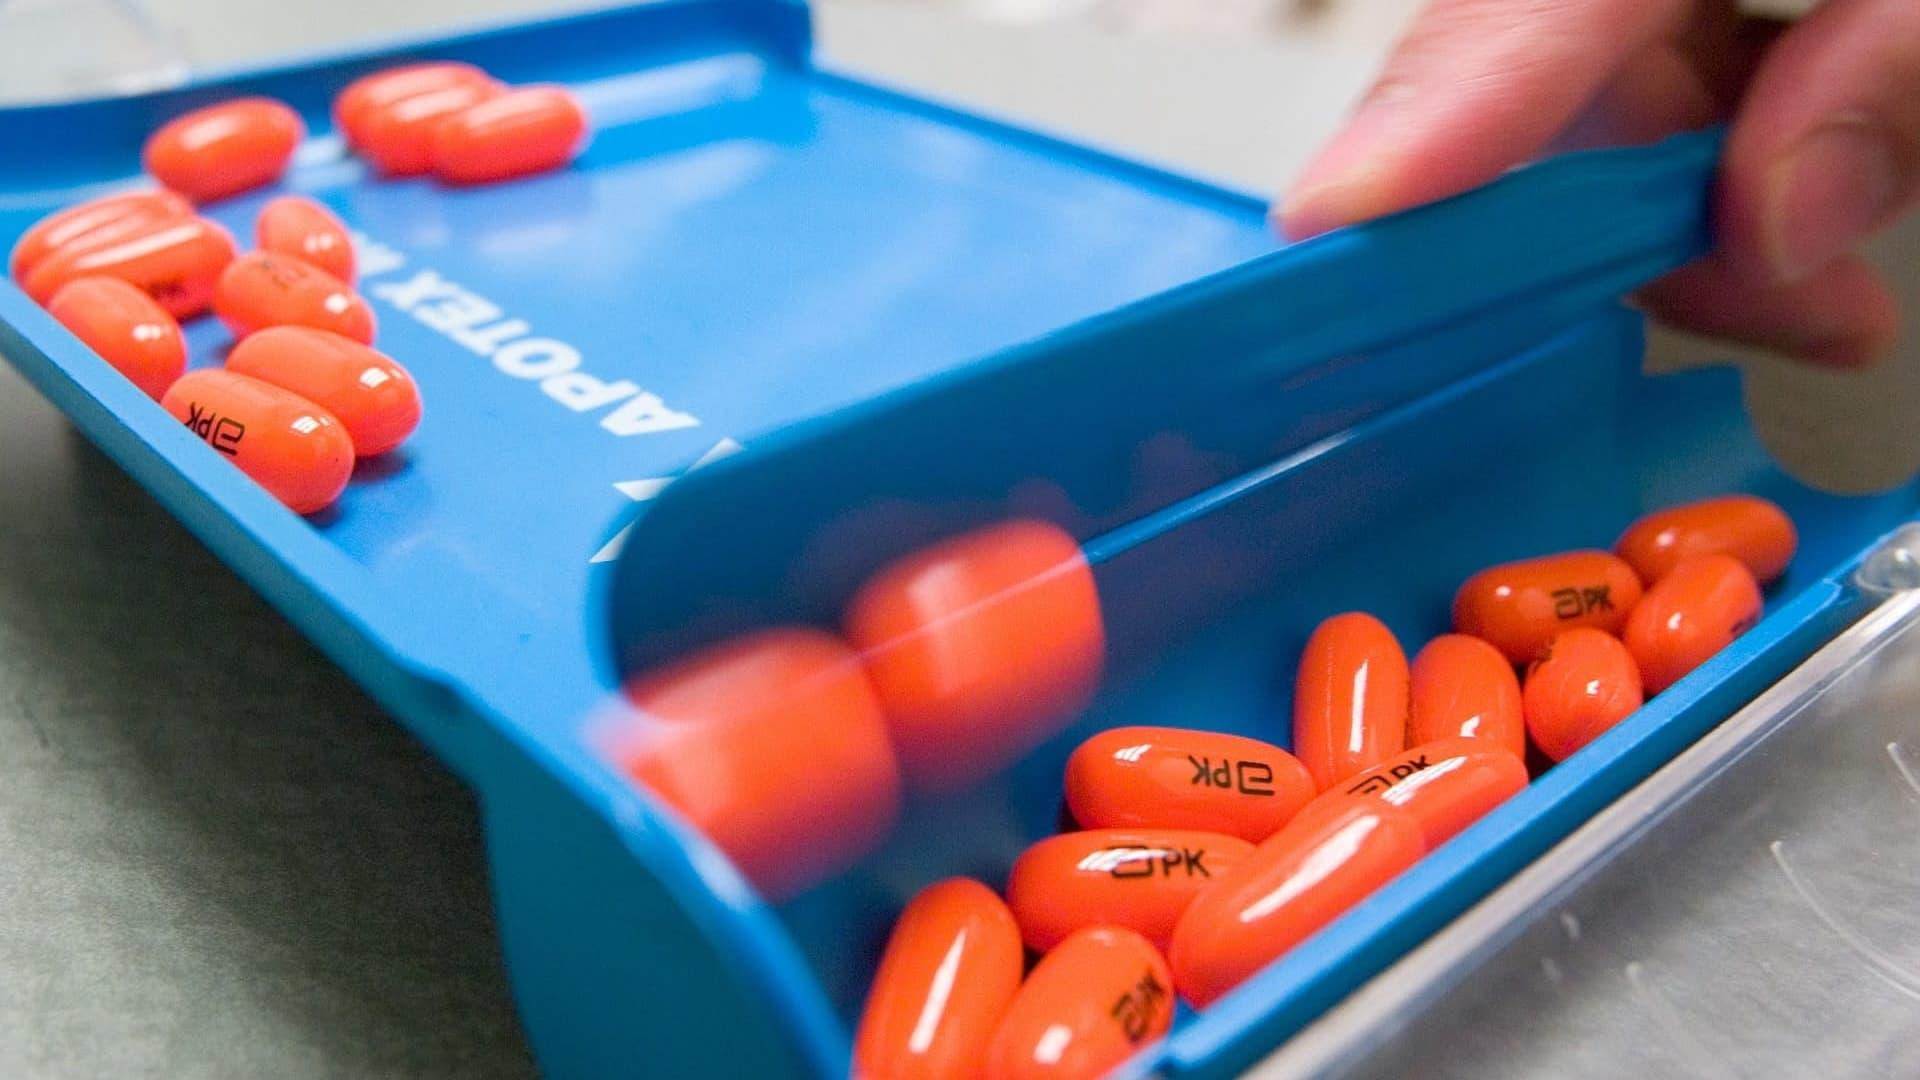 Farmaseutti annostelee AIDS-lääkkeitä Torontossa.